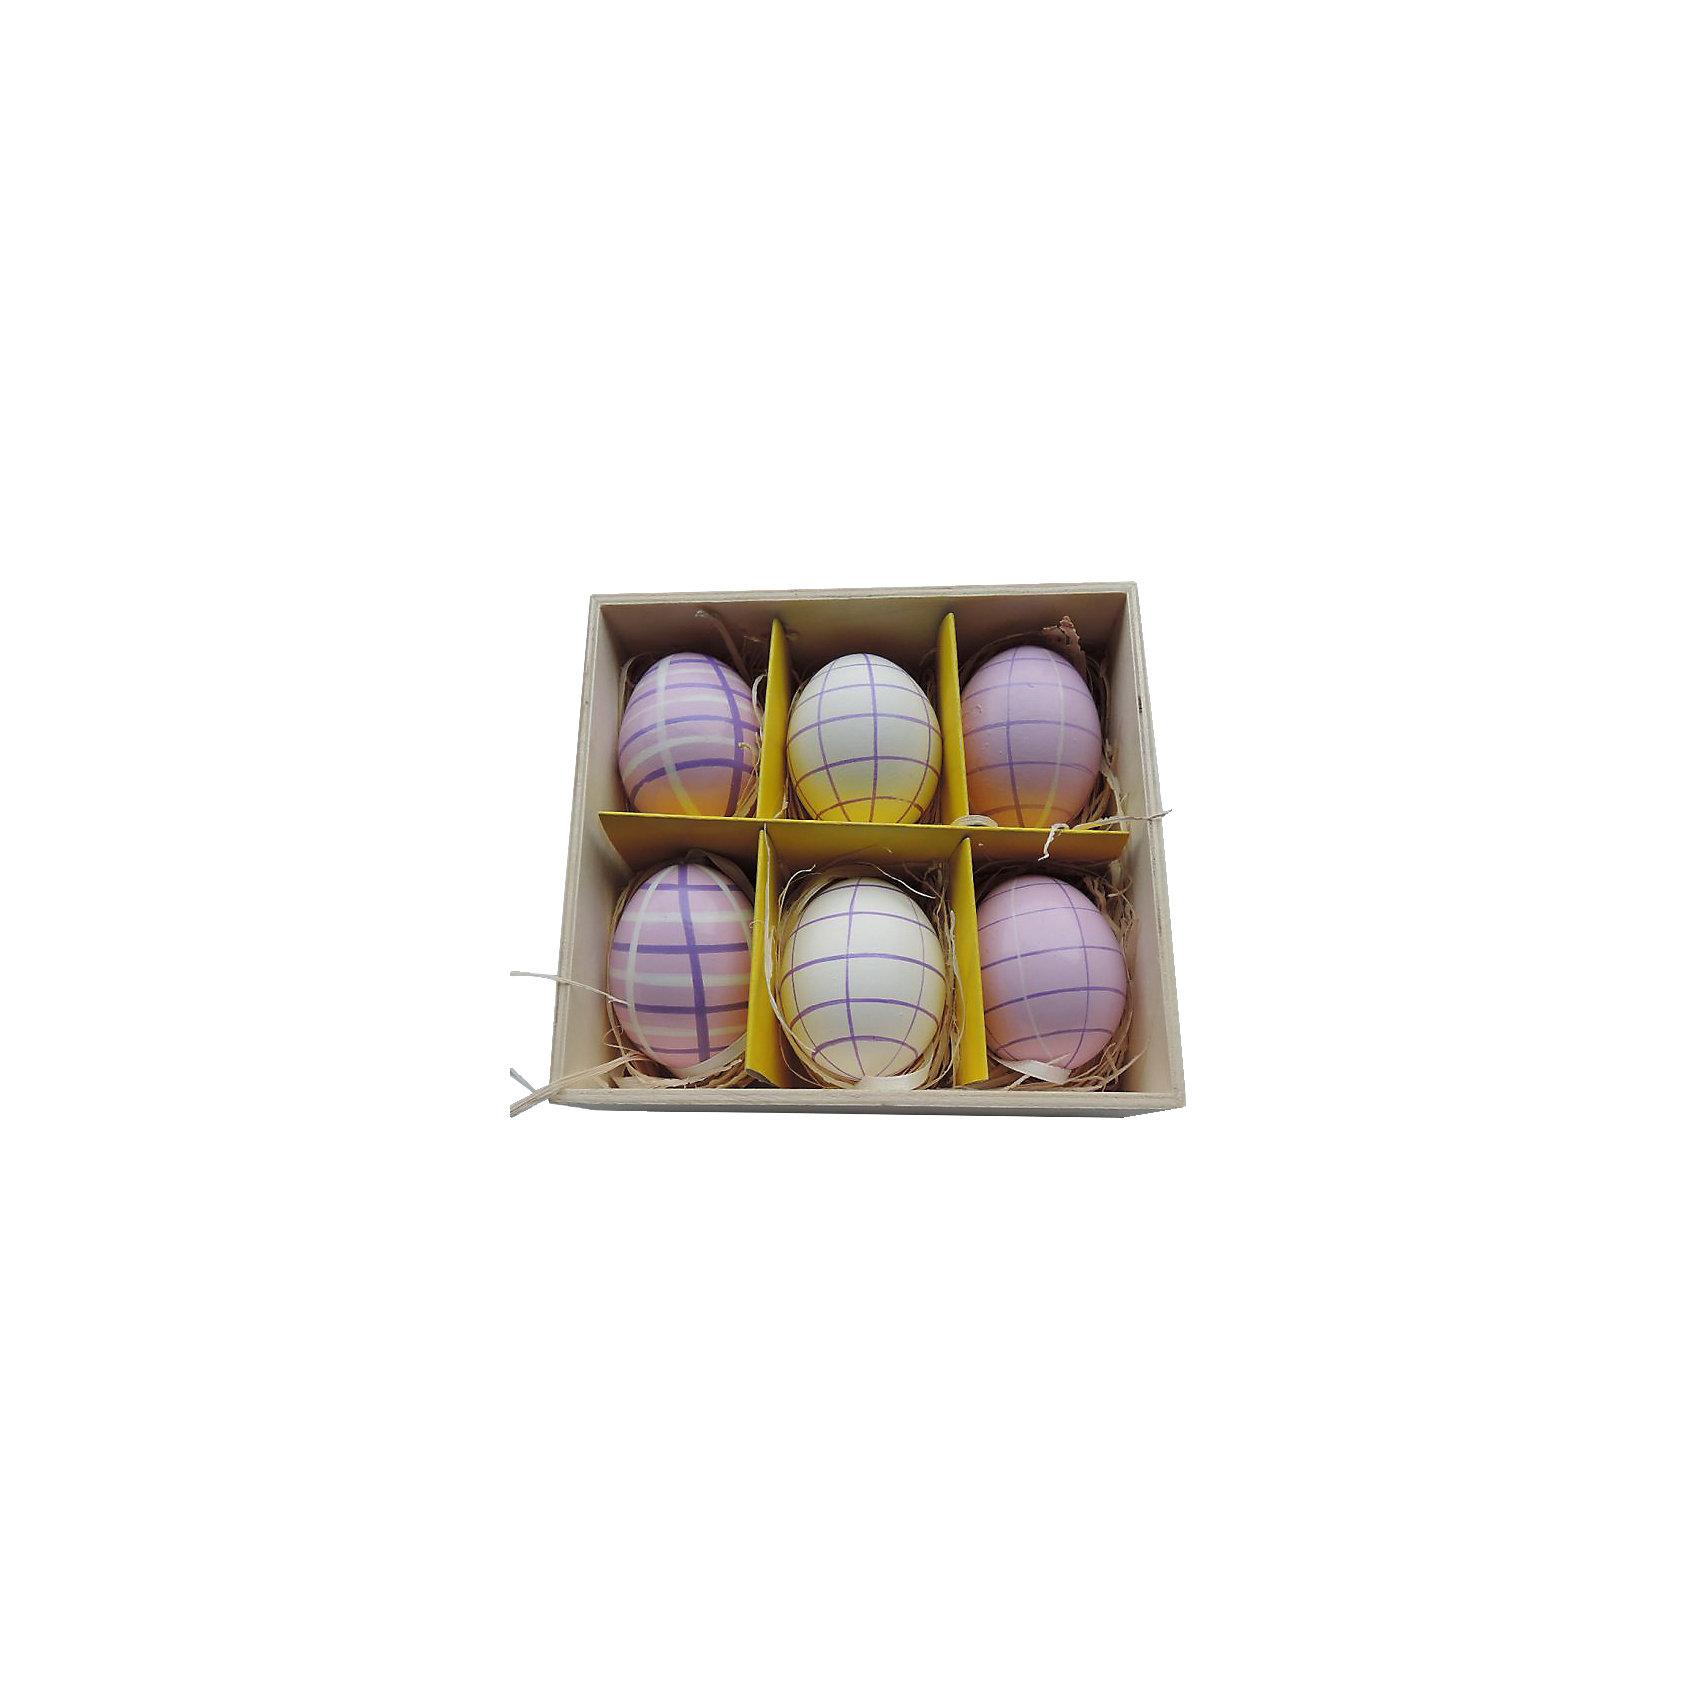 Декоративный набор пасхальных яиц Фиолетовый 6 штДекоративное подвесное пасхальное яйцо - идеальный вариант для украшения дома к празднику или же для пасхального сувенира. Подвески выполнены из натуральной скорлупы, украшены нежными рисунками, имеют специальные текстильные петельки для подвешивания. В комплекте - 6 пасхальных яиц, расположенных в оригинальном  деревянного ящичке с подложкой из лыко.<br><br>Дополнительная информация:<br><br>- Материал: скорлупа куриного яйца, текстиль, лыко.<br>- Размер яйца: 4 см х 4 см х 5,5 см.<br>- Размер упаковки: 16х15х6 см.<br>- 6 штук в наборе. <br>- Цвет: желтый, фиолетовый.<br><br>Декоративный набор пасхальных яиц Фиолетовый, 6 шт, можно купить в нашем магазине.<br><br>Ширина мм: 50<br>Глубина мм: 140<br>Высота мм: 150<br>Вес г: 143<br>Возраст от месяцев: 36<br>Возраст до месяцев: 2147483647<br>Пол: Унисекс<br>Возраст: Детский<br>SKU: 4501207